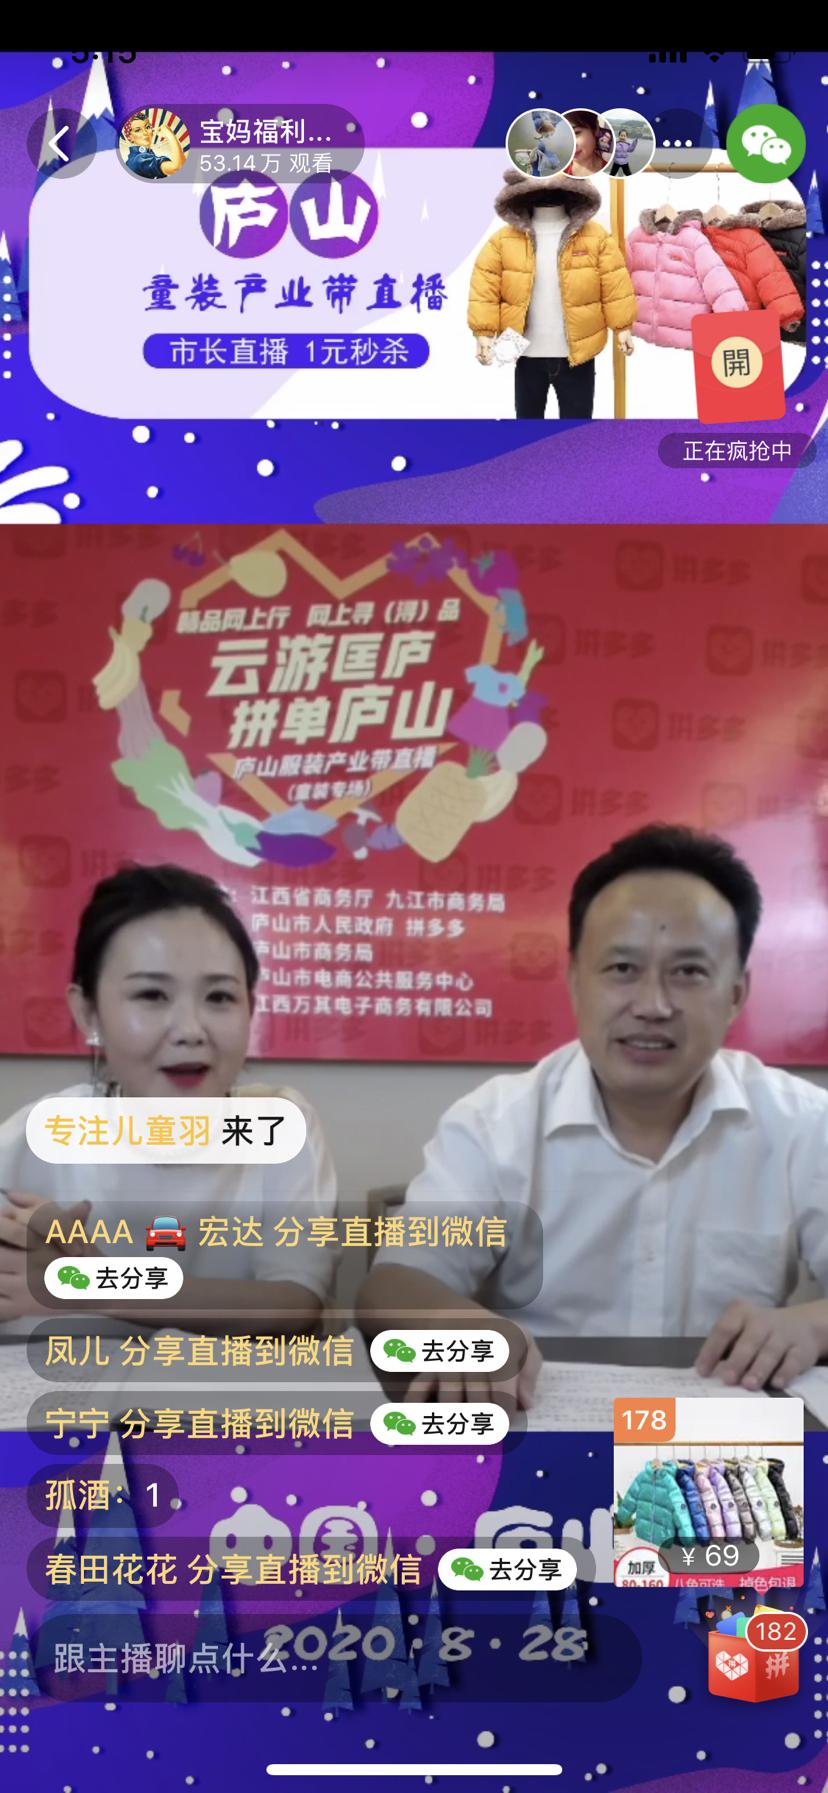 """揭秘童装产业""""庐山真面目"""",吸引53万网友围观"""